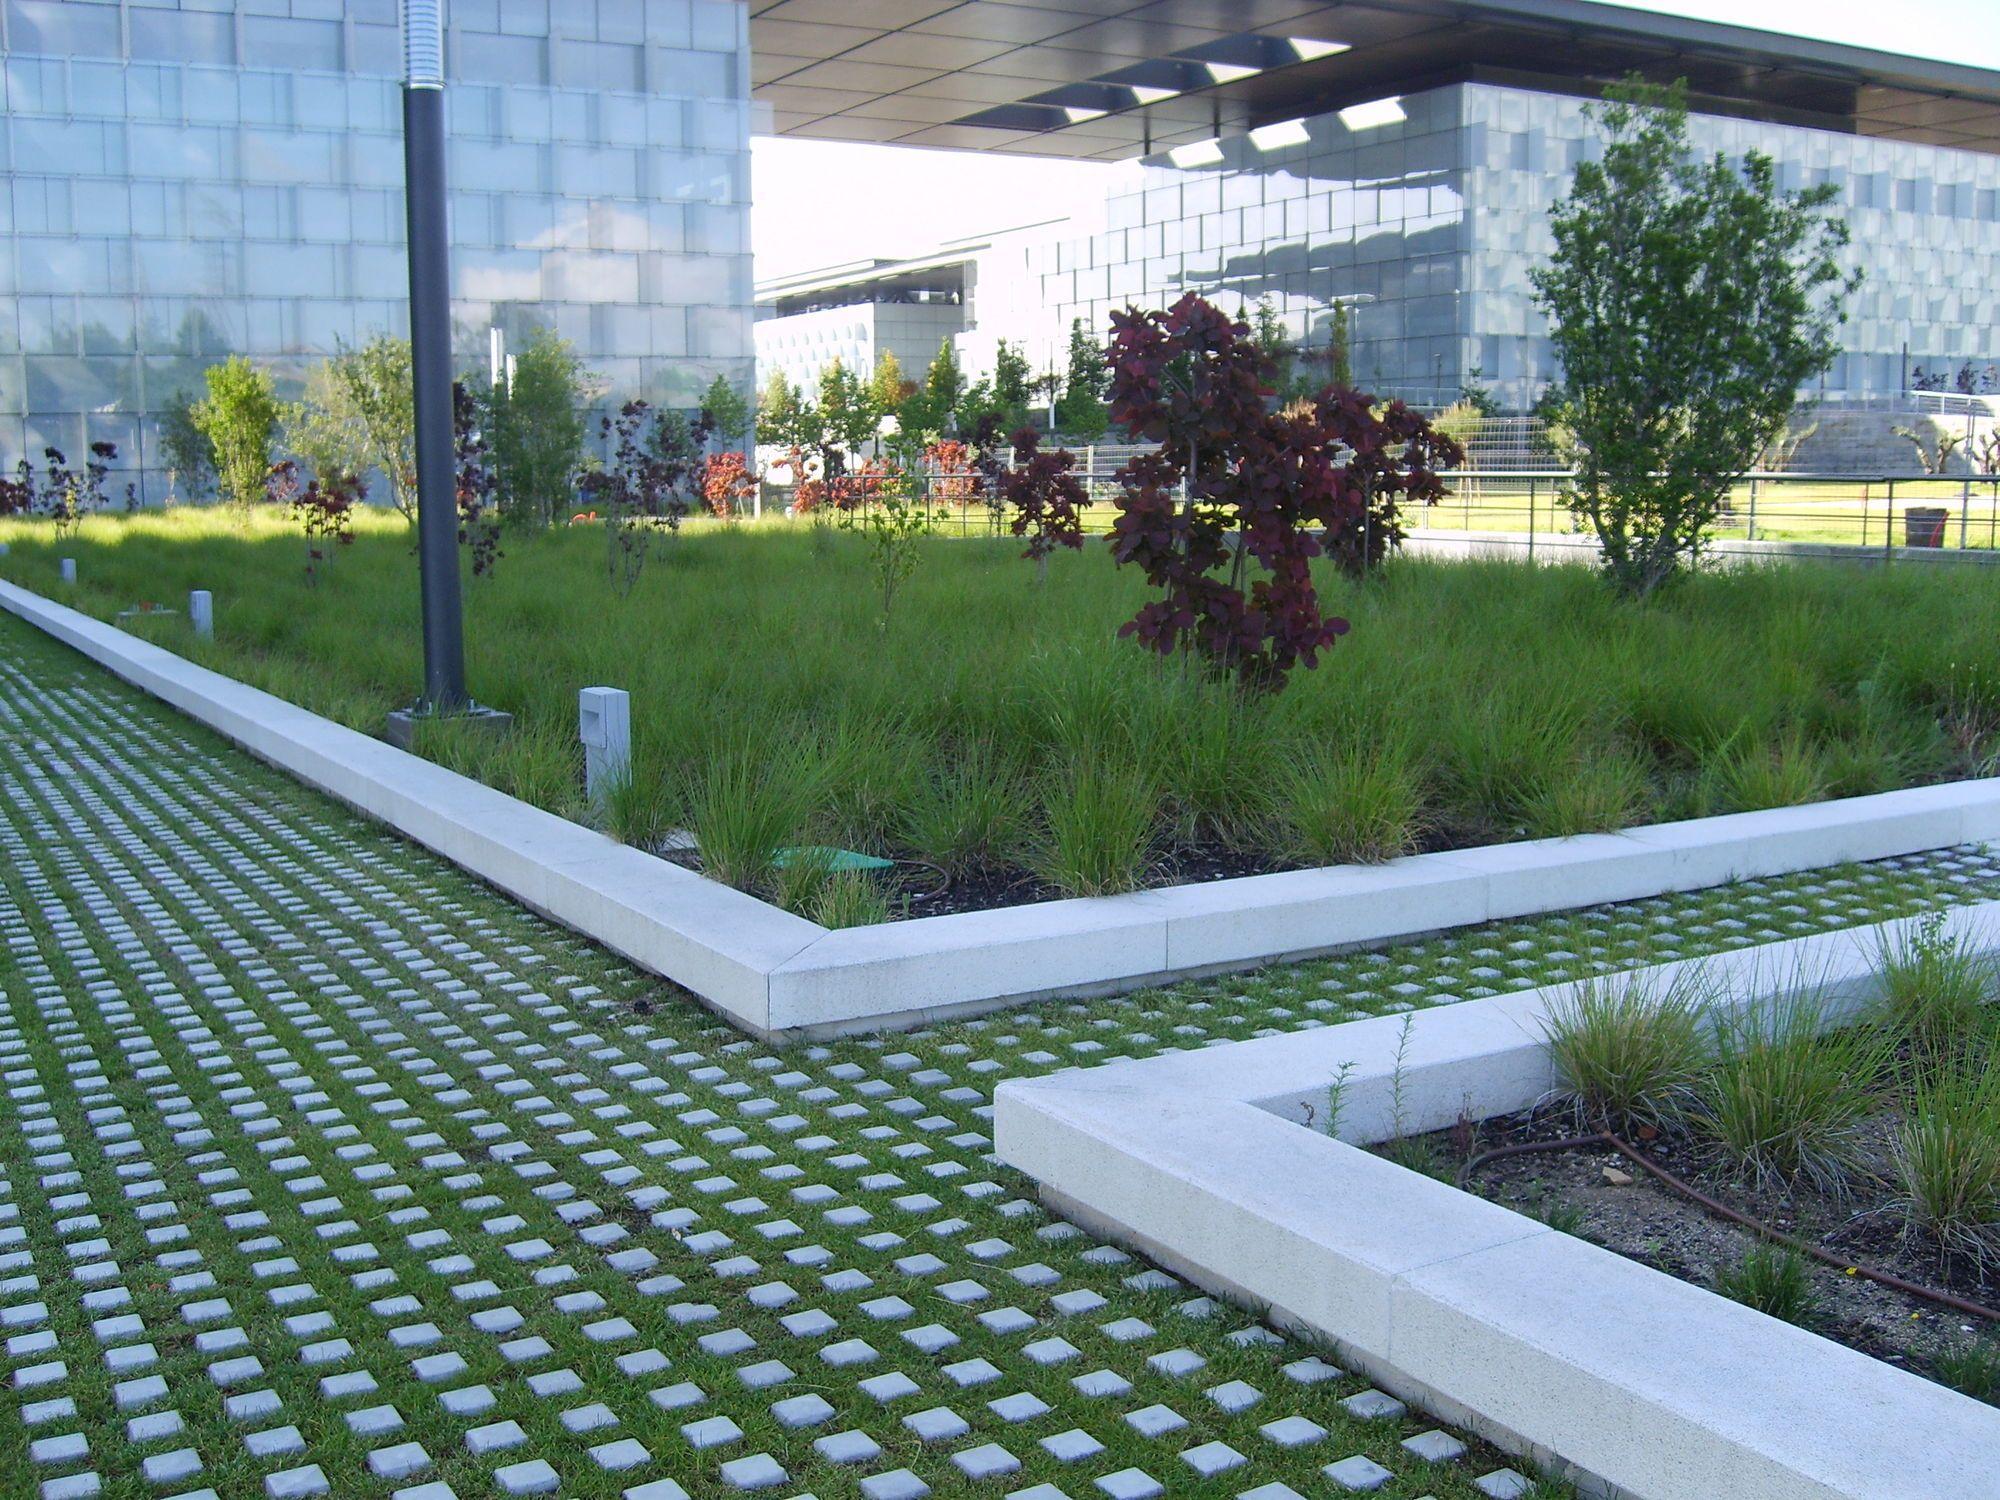 Concrete Paver Draining For Public Spaces Checker Block Escofet Concrete Pavers Outdoor Gardens Grass Pavers